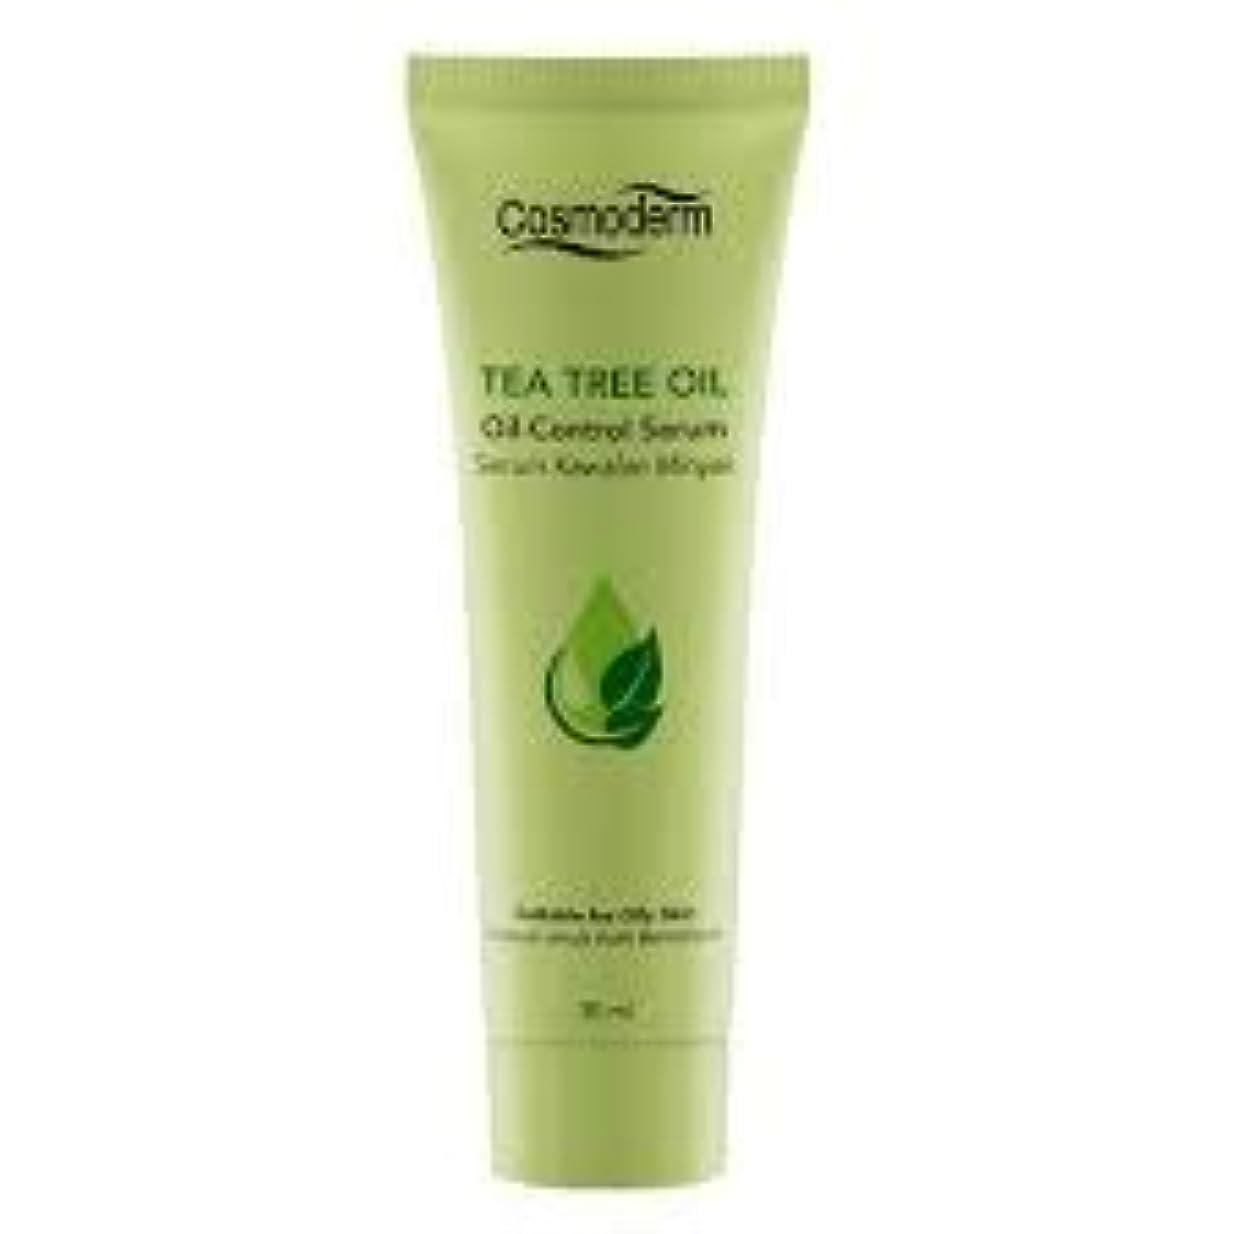 樹木昼食反抗COSMODERM ティーツリーオイルコントロールセラム30ml - 吹き出物、にきびやにきびを削減します。毛穴の邪魔を除く、石油生産を制御します。肌の自然な水分を復元します。